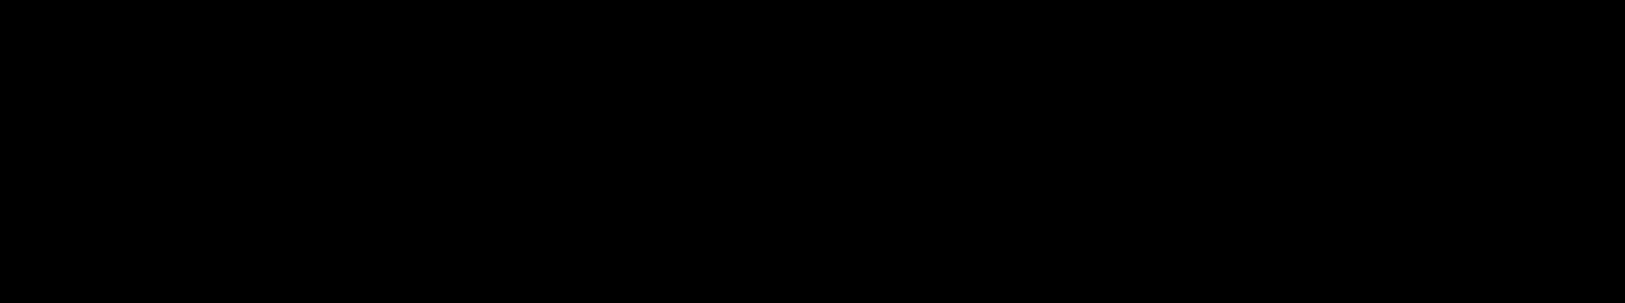 Interface_Large_Black